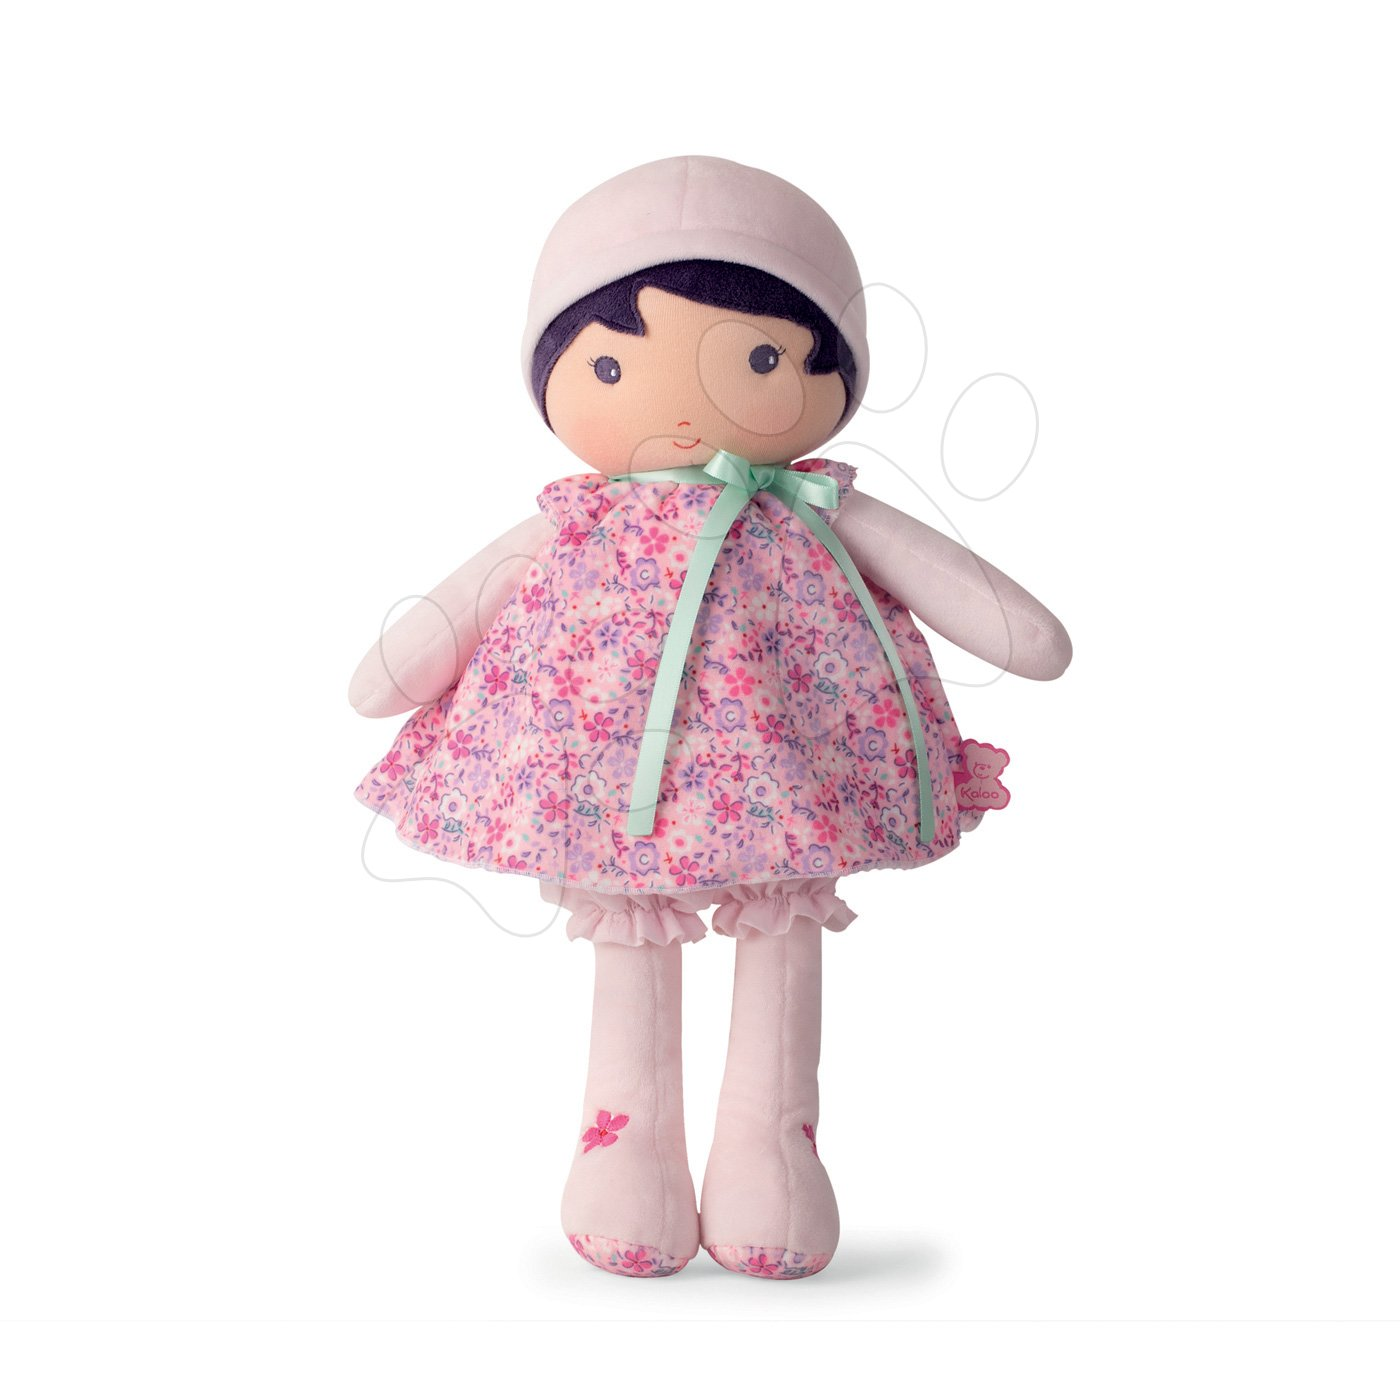 Kaloo bábika pre bábätká Fleur K Tendresse 40 cm v kvetinkových šatách z jemného textilu v darčekovom balení 962087